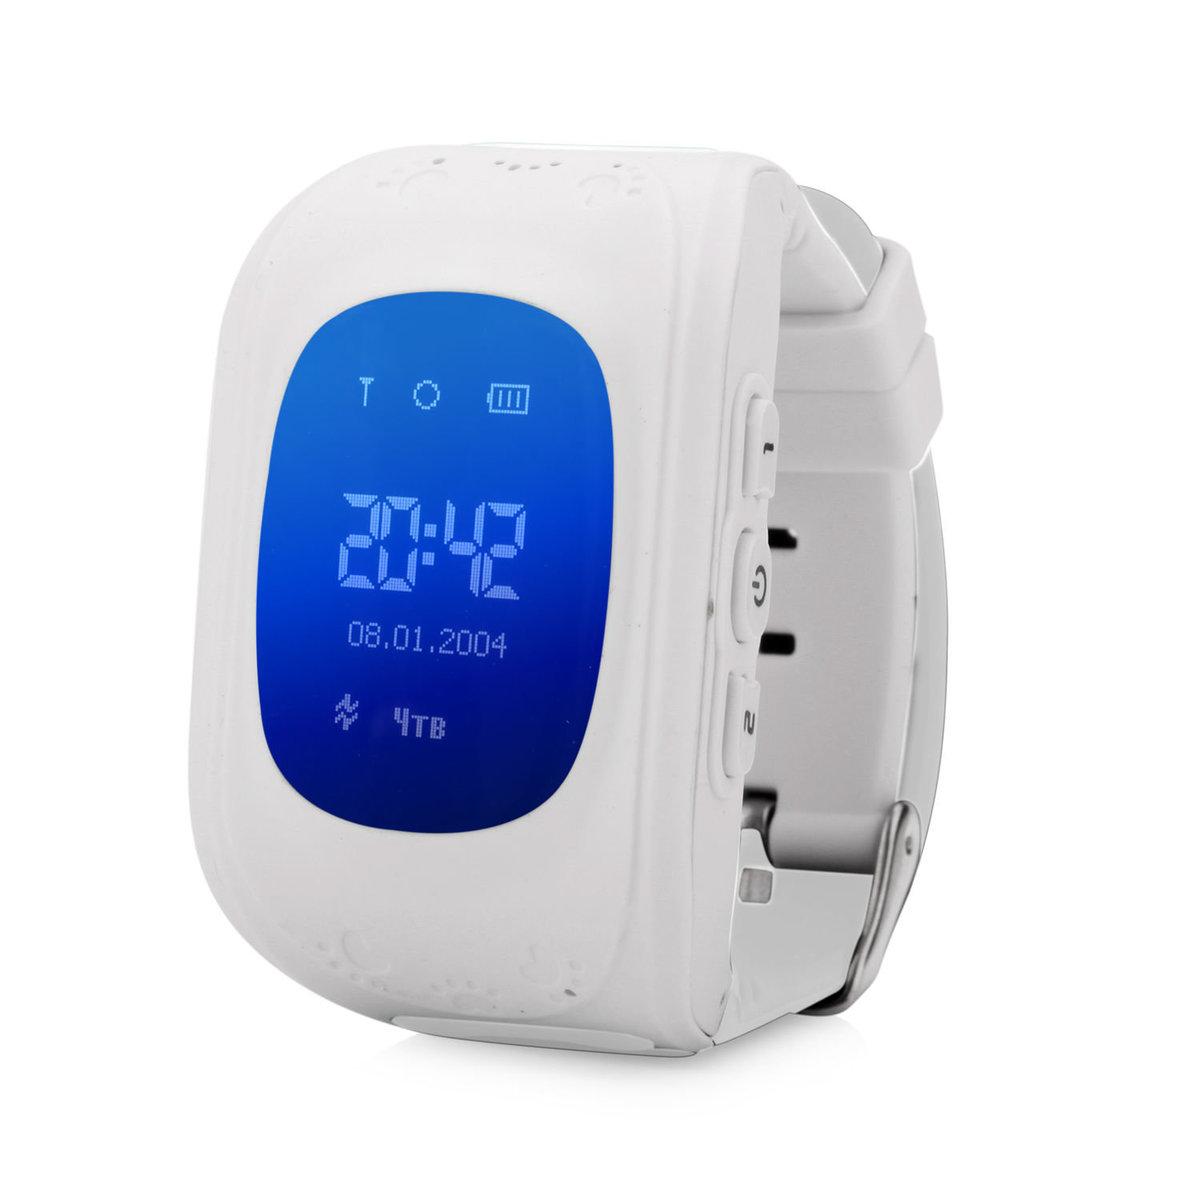 Сейчас полным-полно различных интернет магазинов, продающих данные часы, но вот найти проверенный и надежный магазин-дорогого стоит.